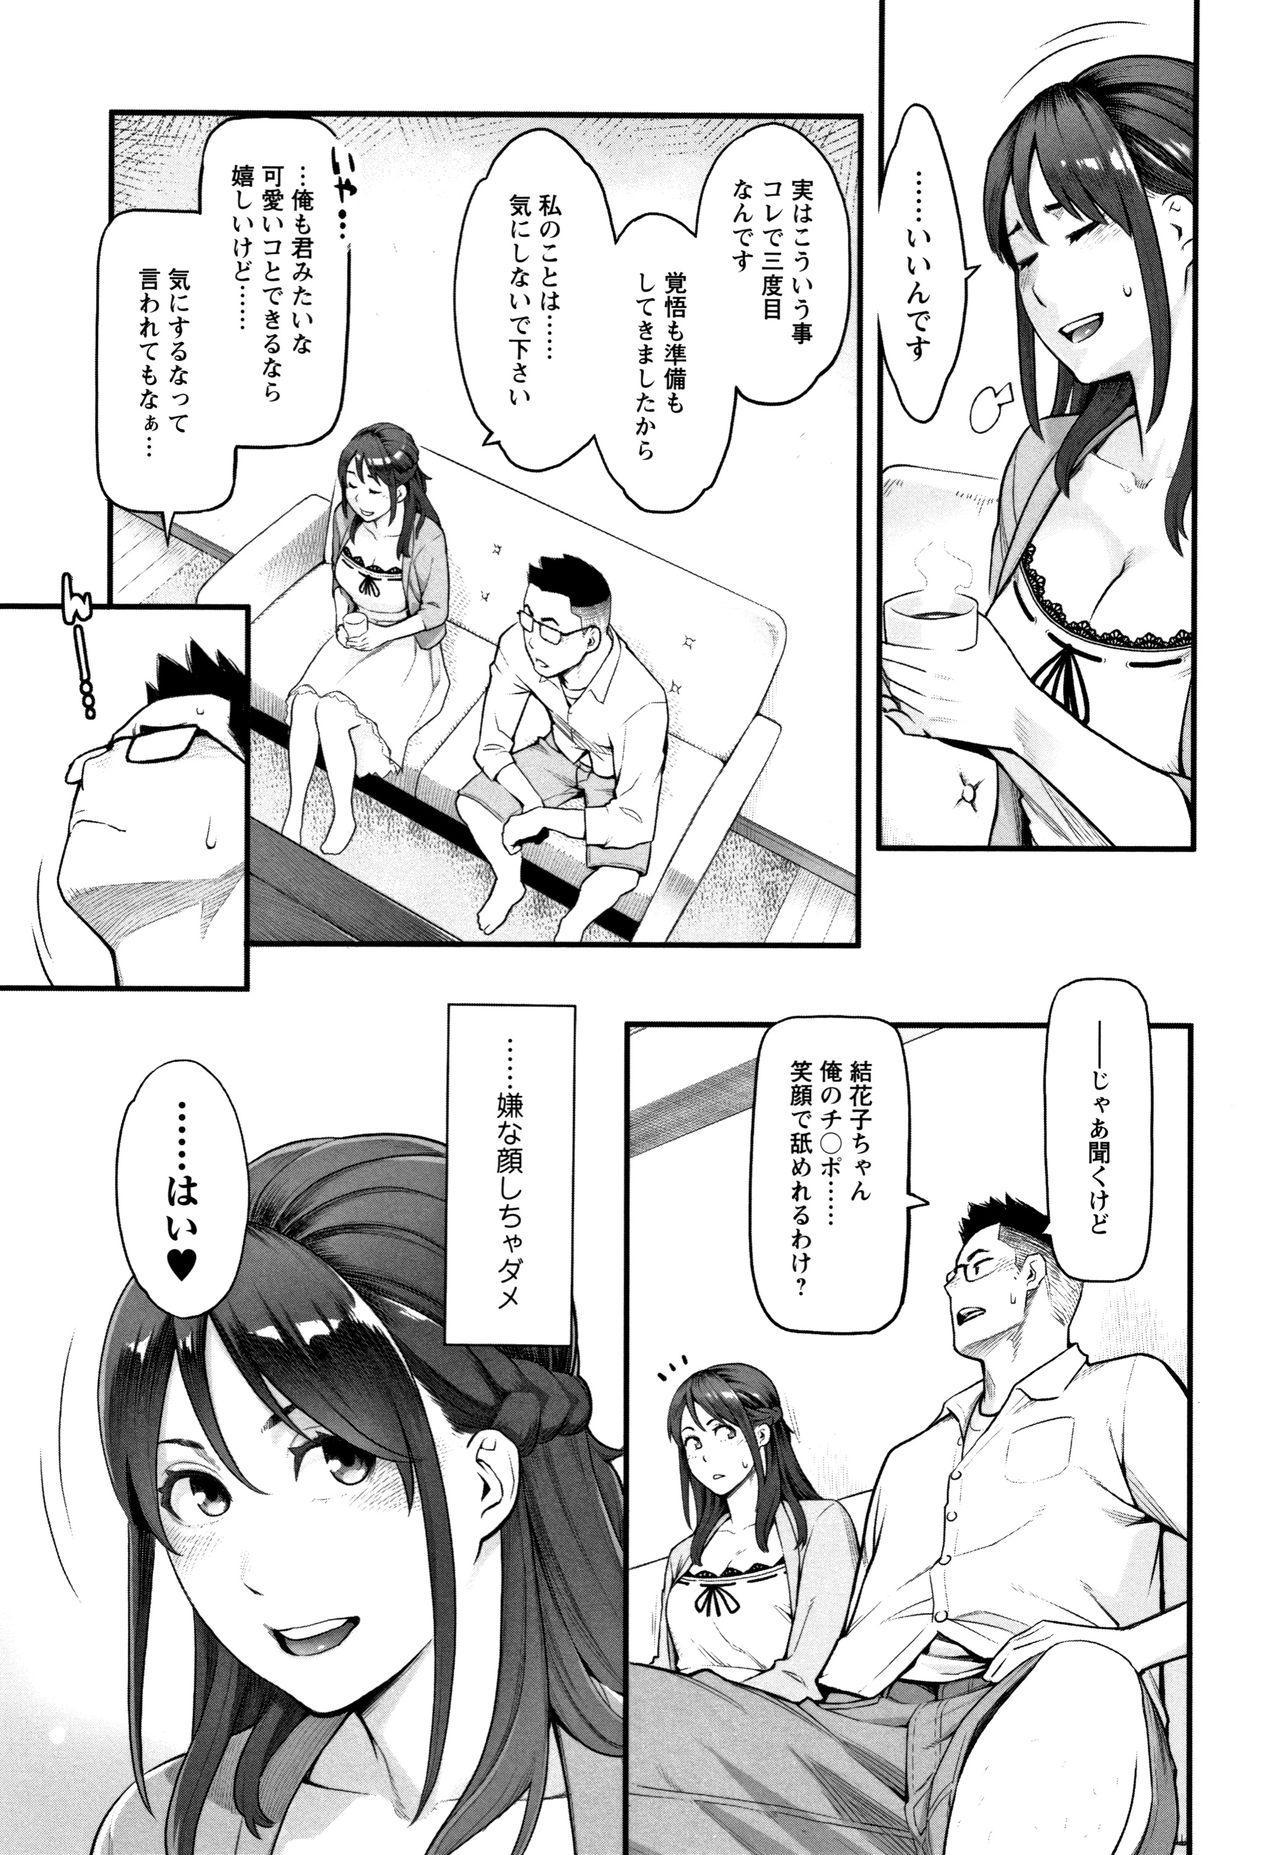 Toketa Risei wa Biyaku no Kaori 103